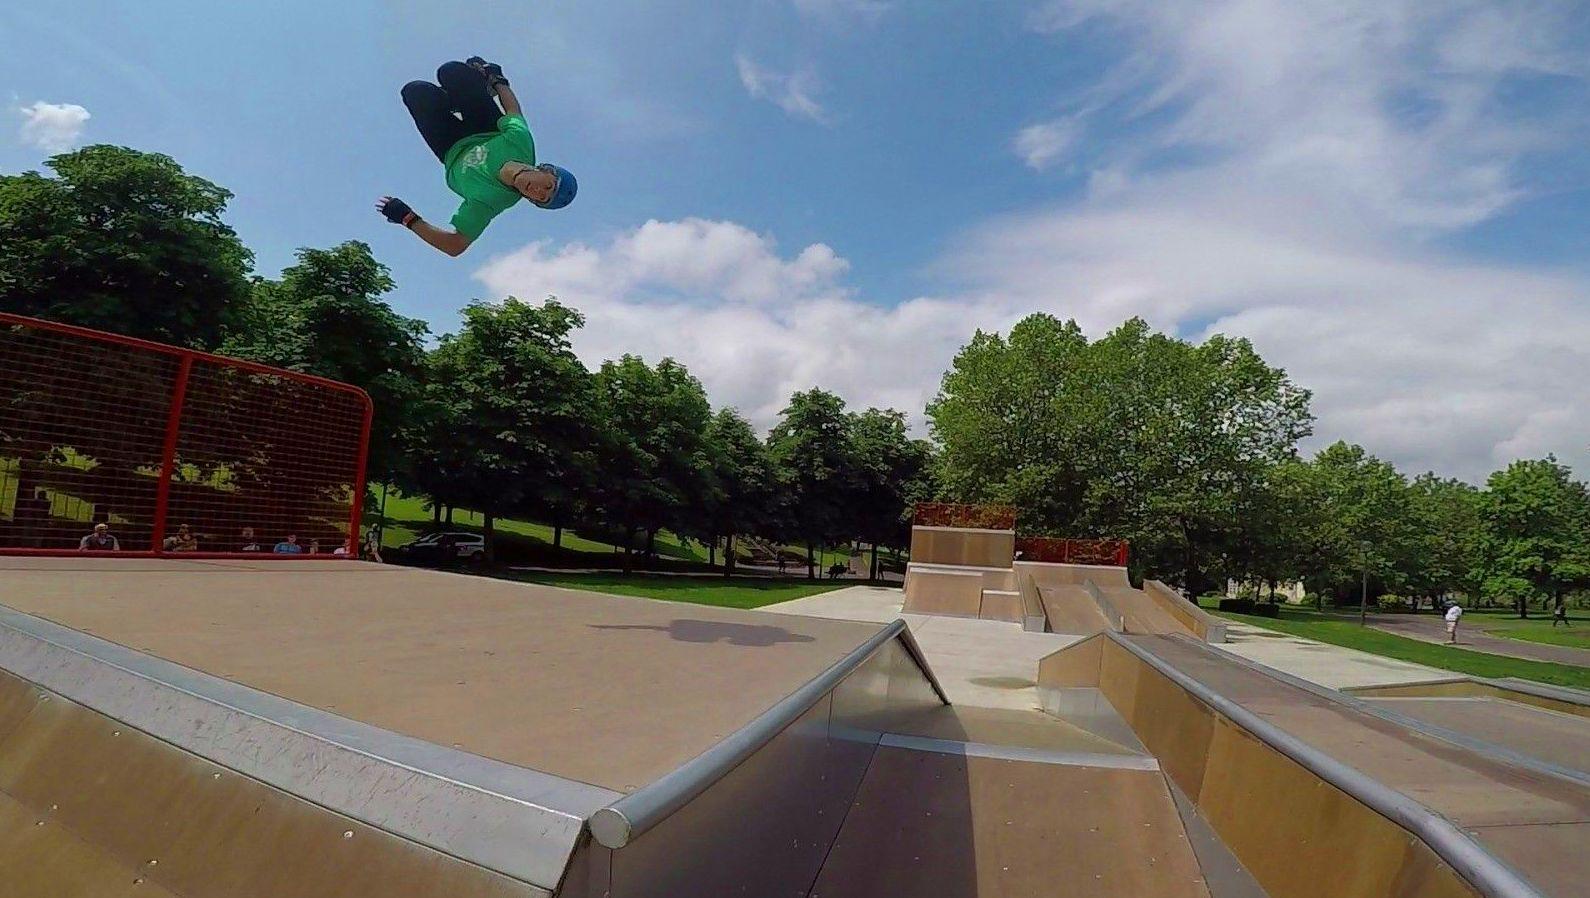 Foto 4 de Skate en Amorebieta | Osso Skateparks